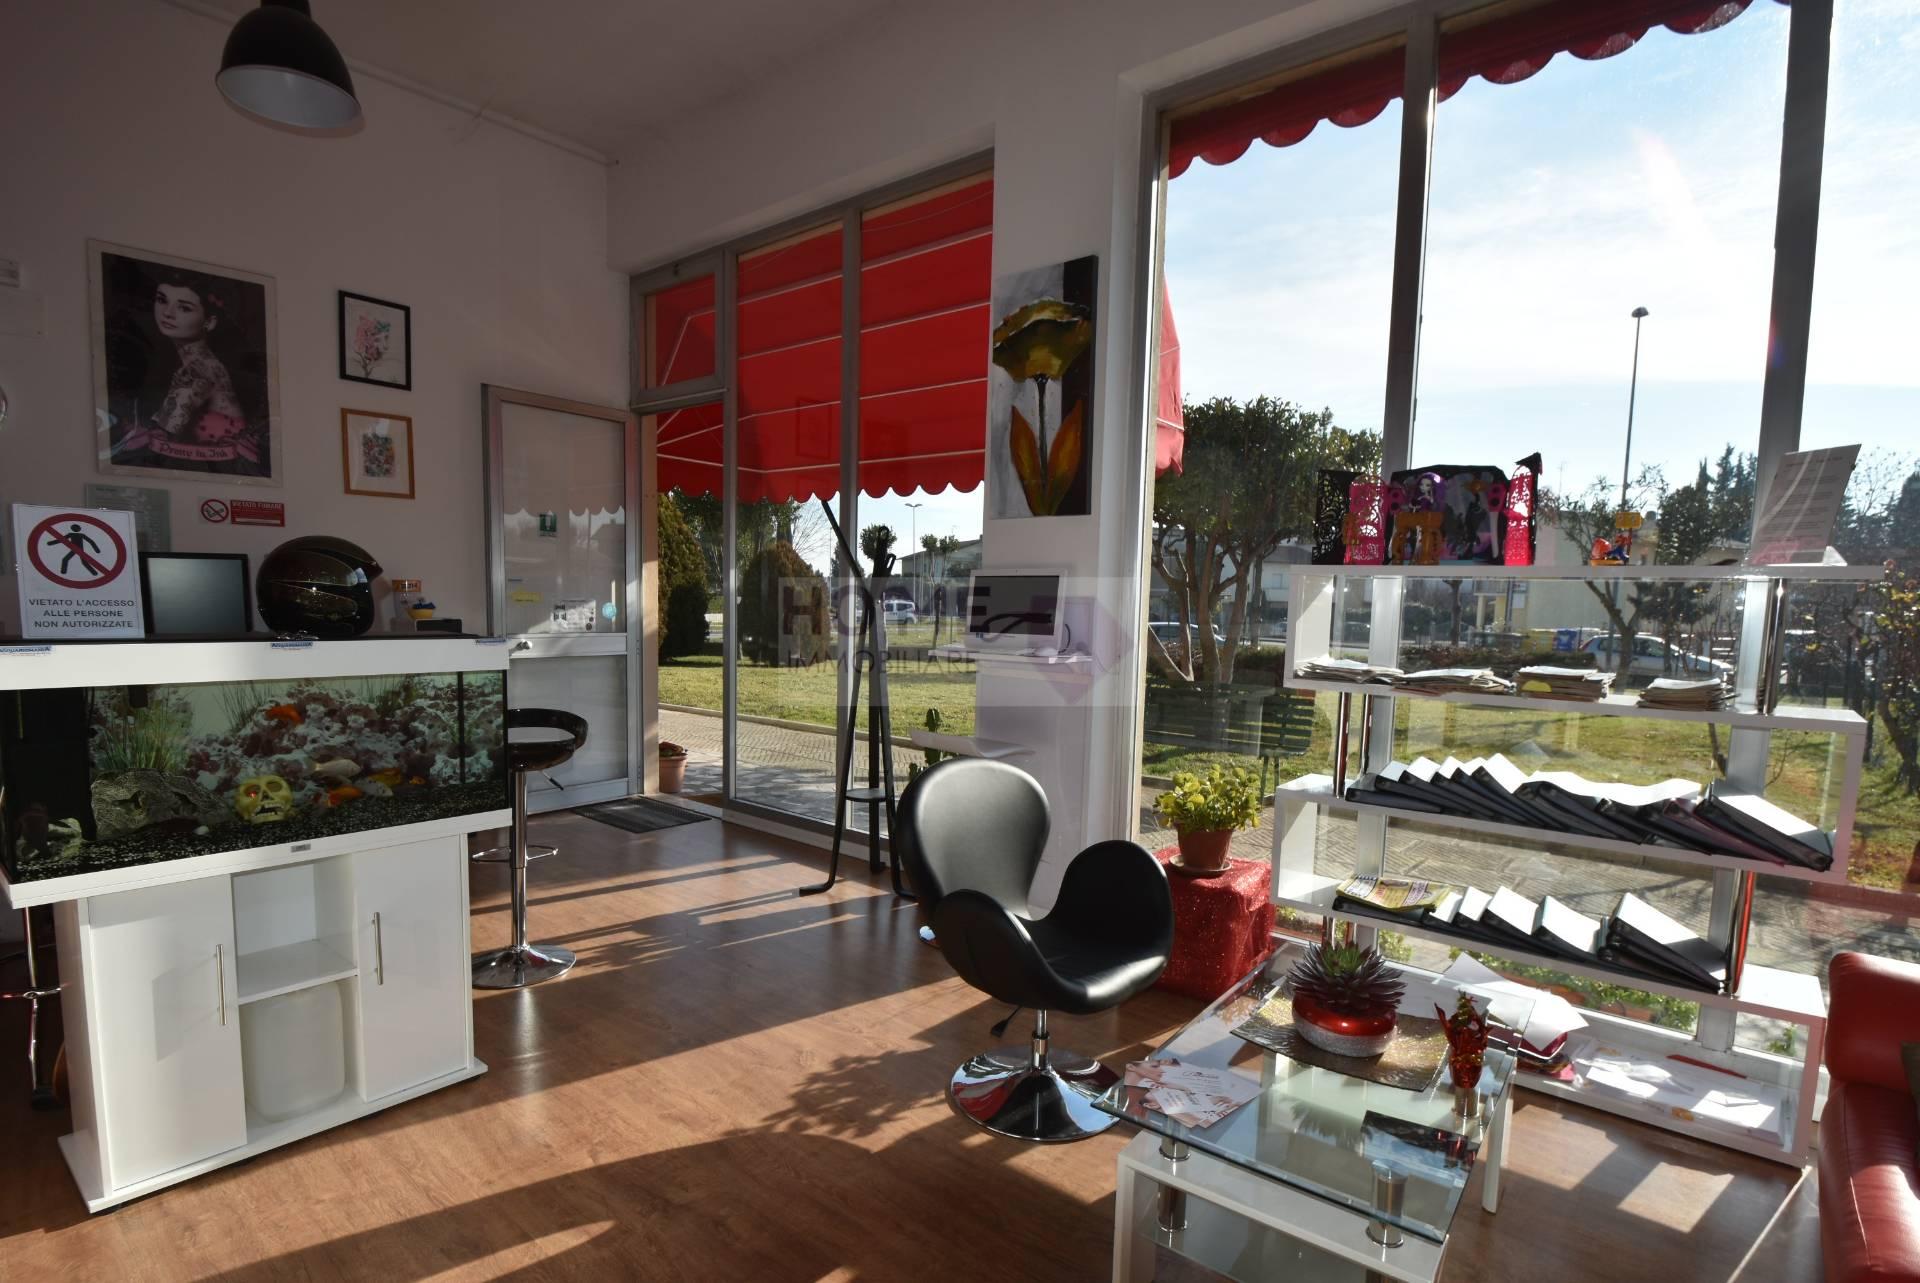 Negozio / Locale in vendita a Macerata, 9999 locali, zona Località: Piediripa, prezzo € 210.000 | Cambio Casa.it